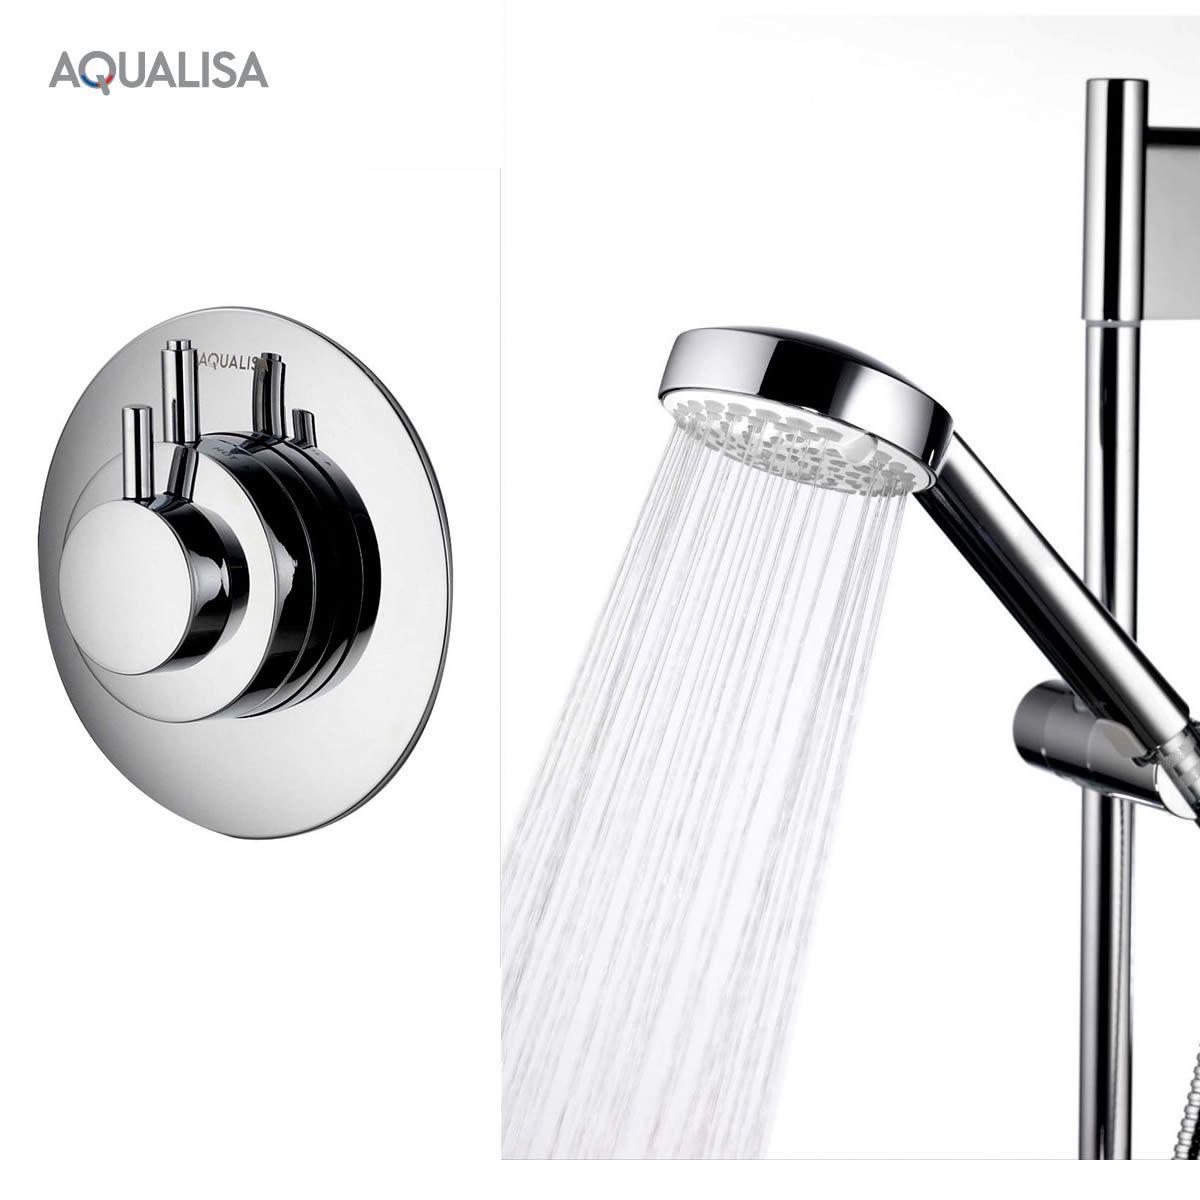 aqualisa dream concealed valve shower set uk bathrooms. Black Bedroom Furniture Sets. Home Design Ideas